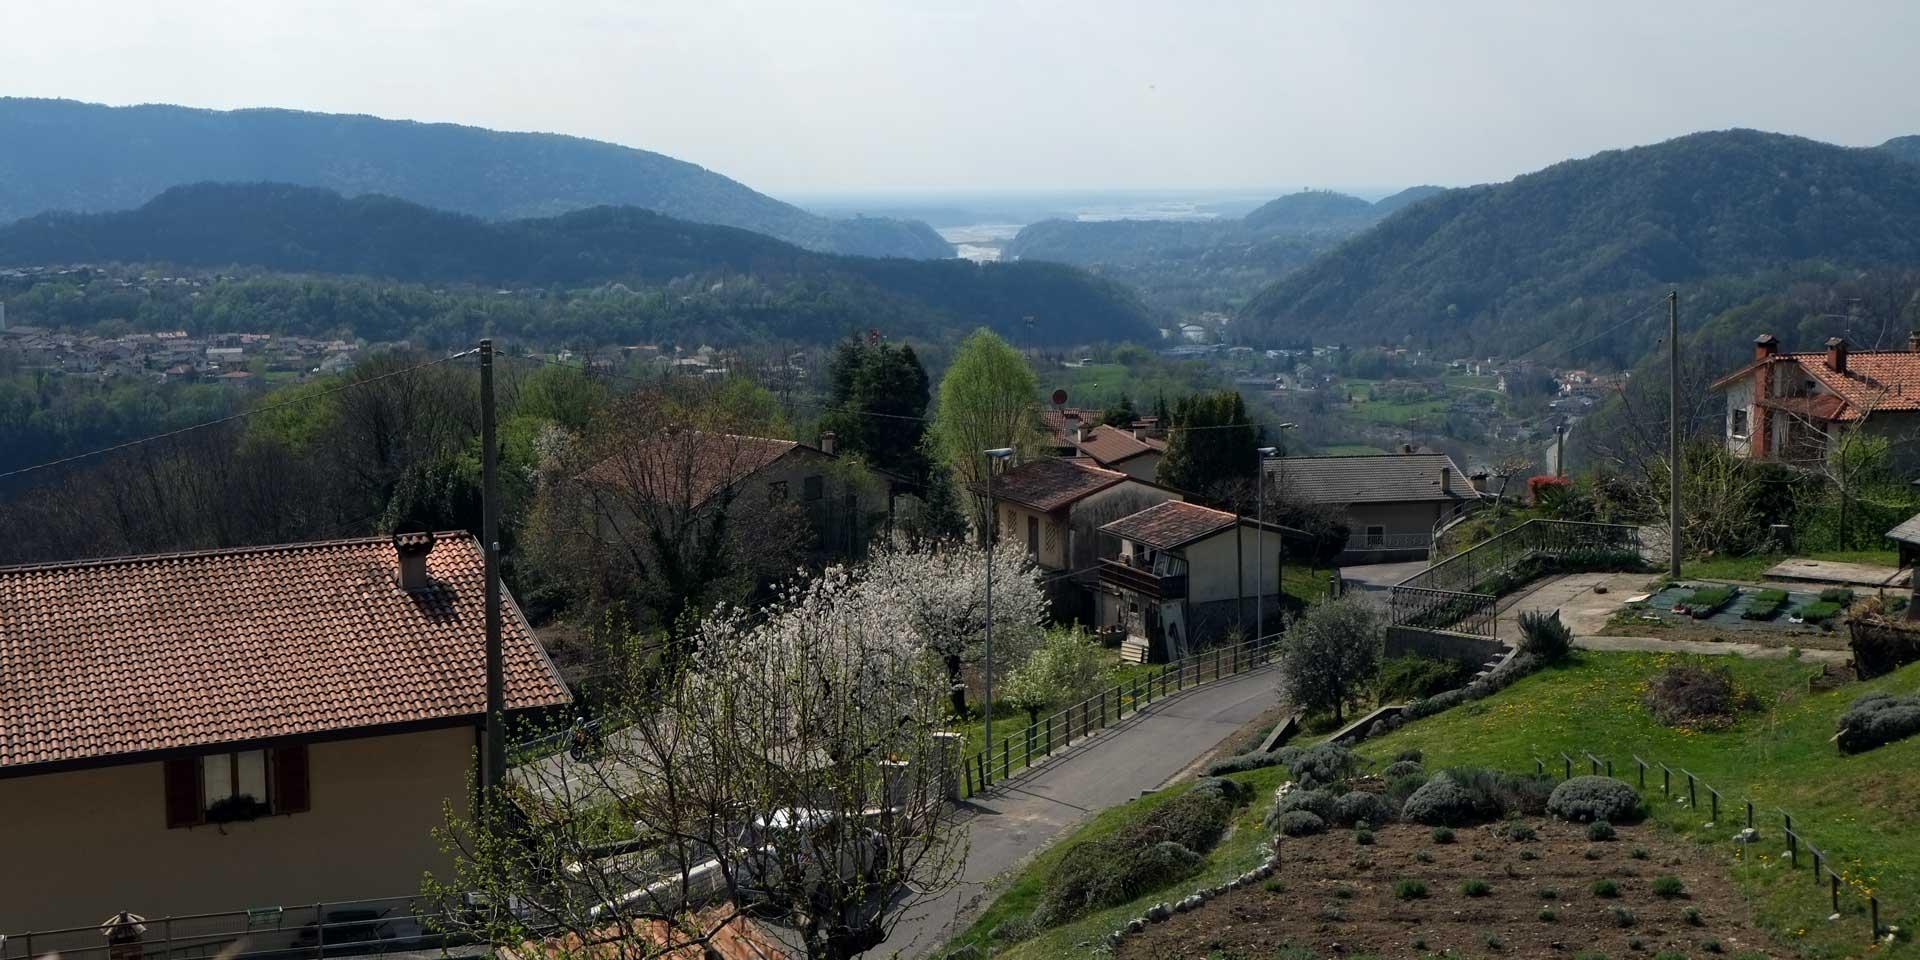 Vista da Anduins, Vito d'Asio, comune parte del Consorzio delle Valli e delle Dolomiti friulane